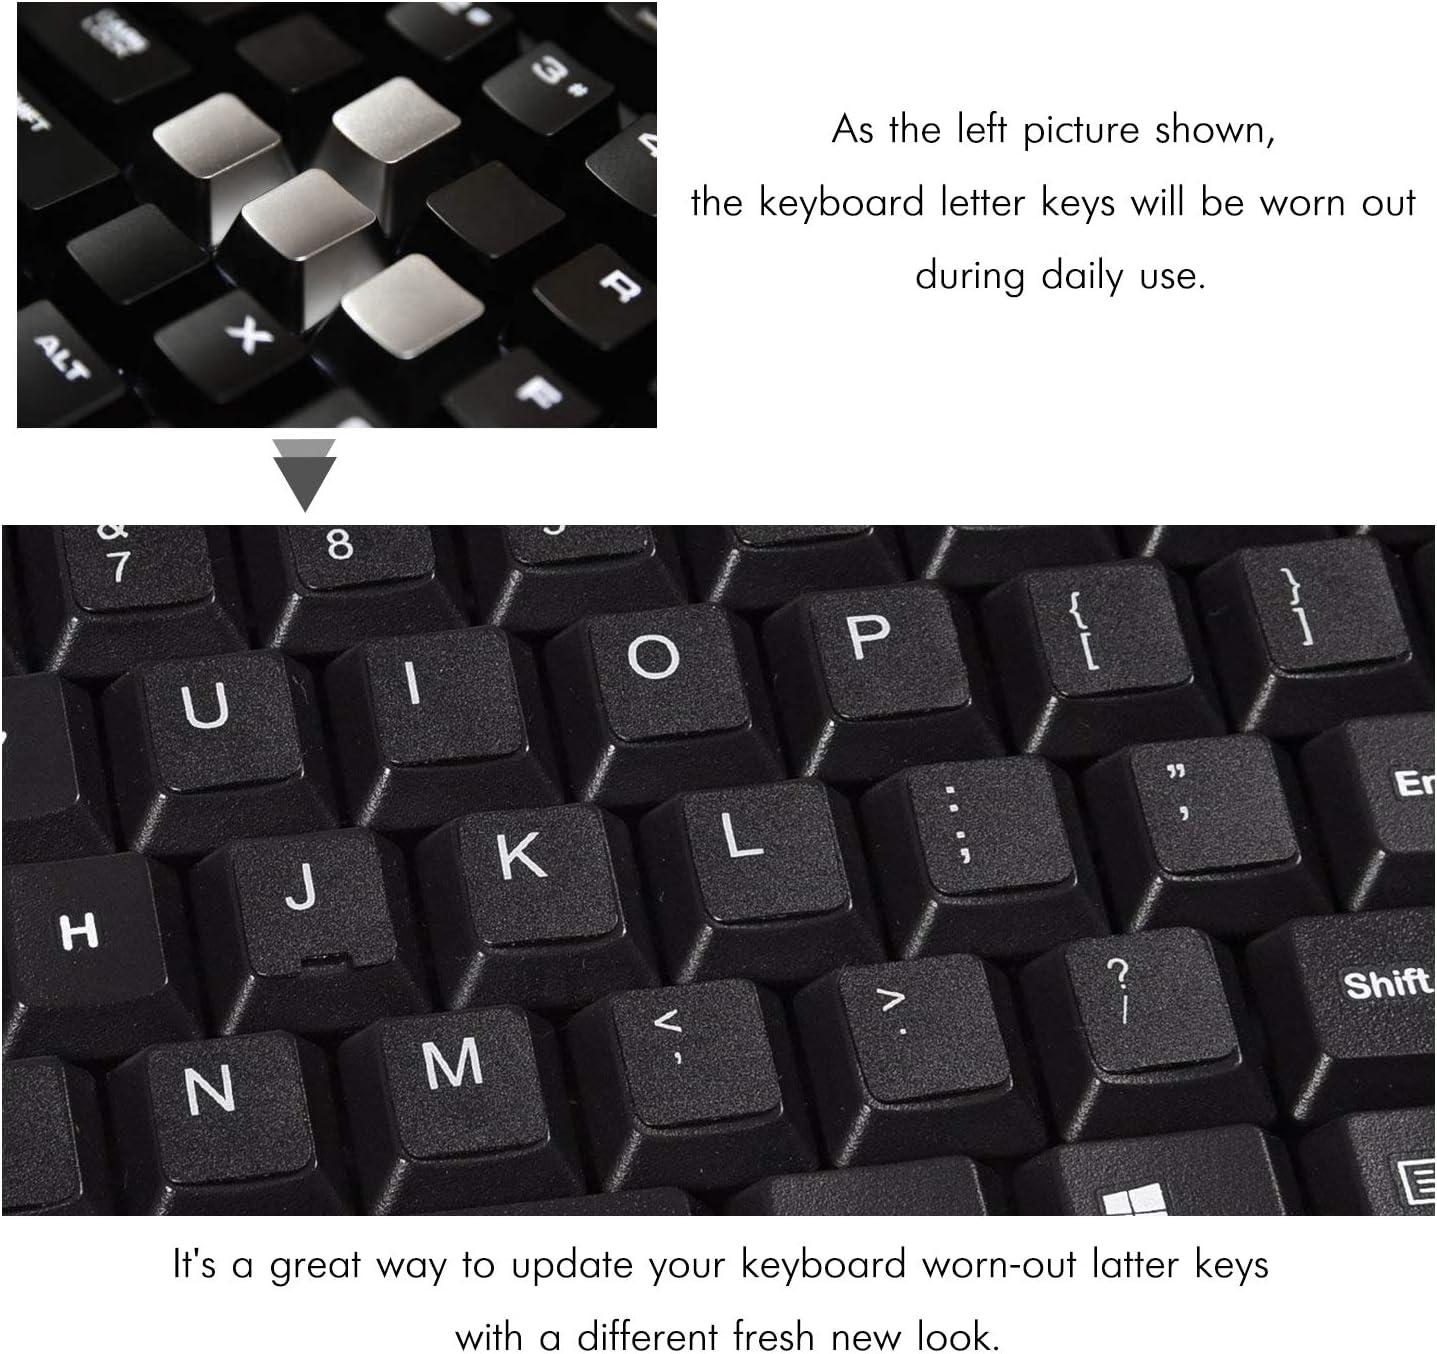 [2 unidades] Pegatinas para teclado, calcomanía de repuesto para teclado fondo negro con letras naranjas para teclado de ordenador 2p[English]